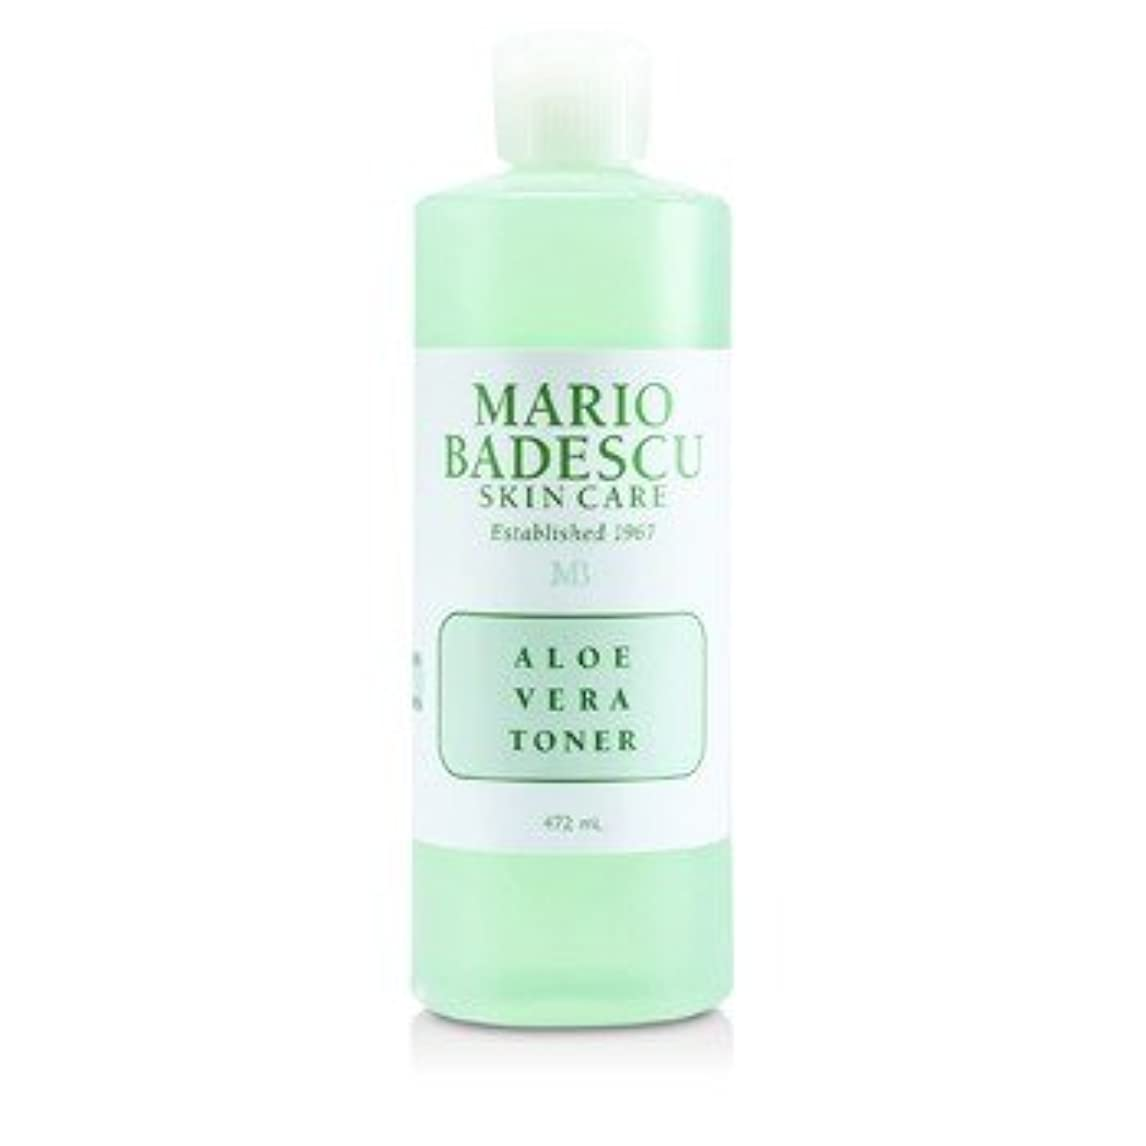 組み立てる死にかけている昇進[Mario Badescu] Aloe Vera Toner - For Dry/ Sensitive Skin Types 472ml/16oz